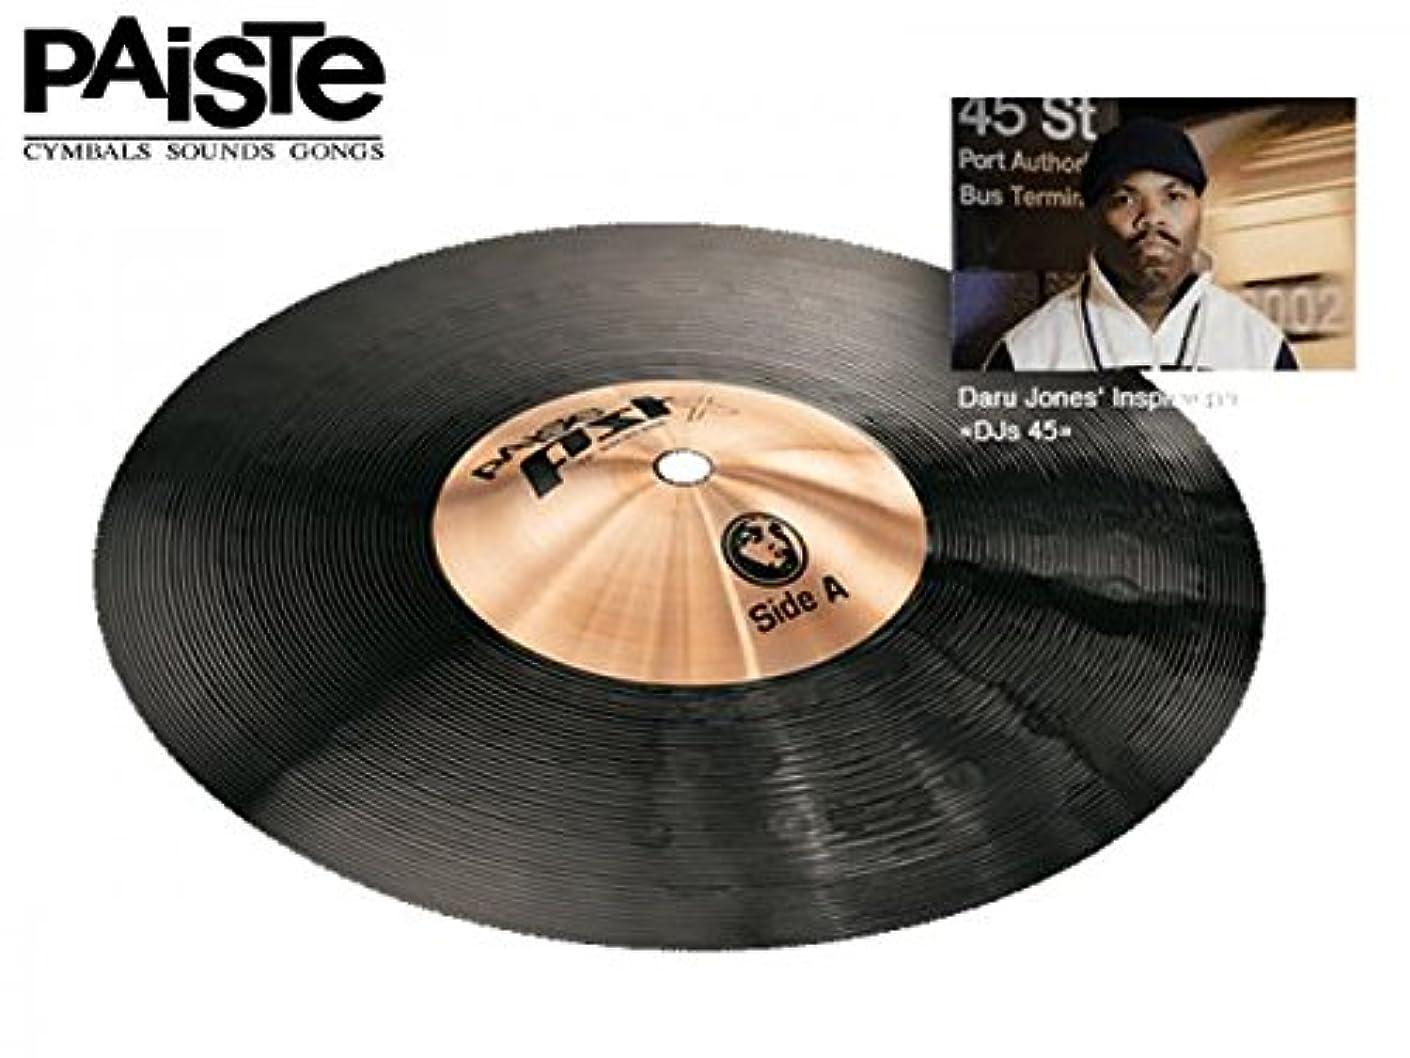 サラミ行政誠実さPaiste PST-X DJs 45 Ride 12